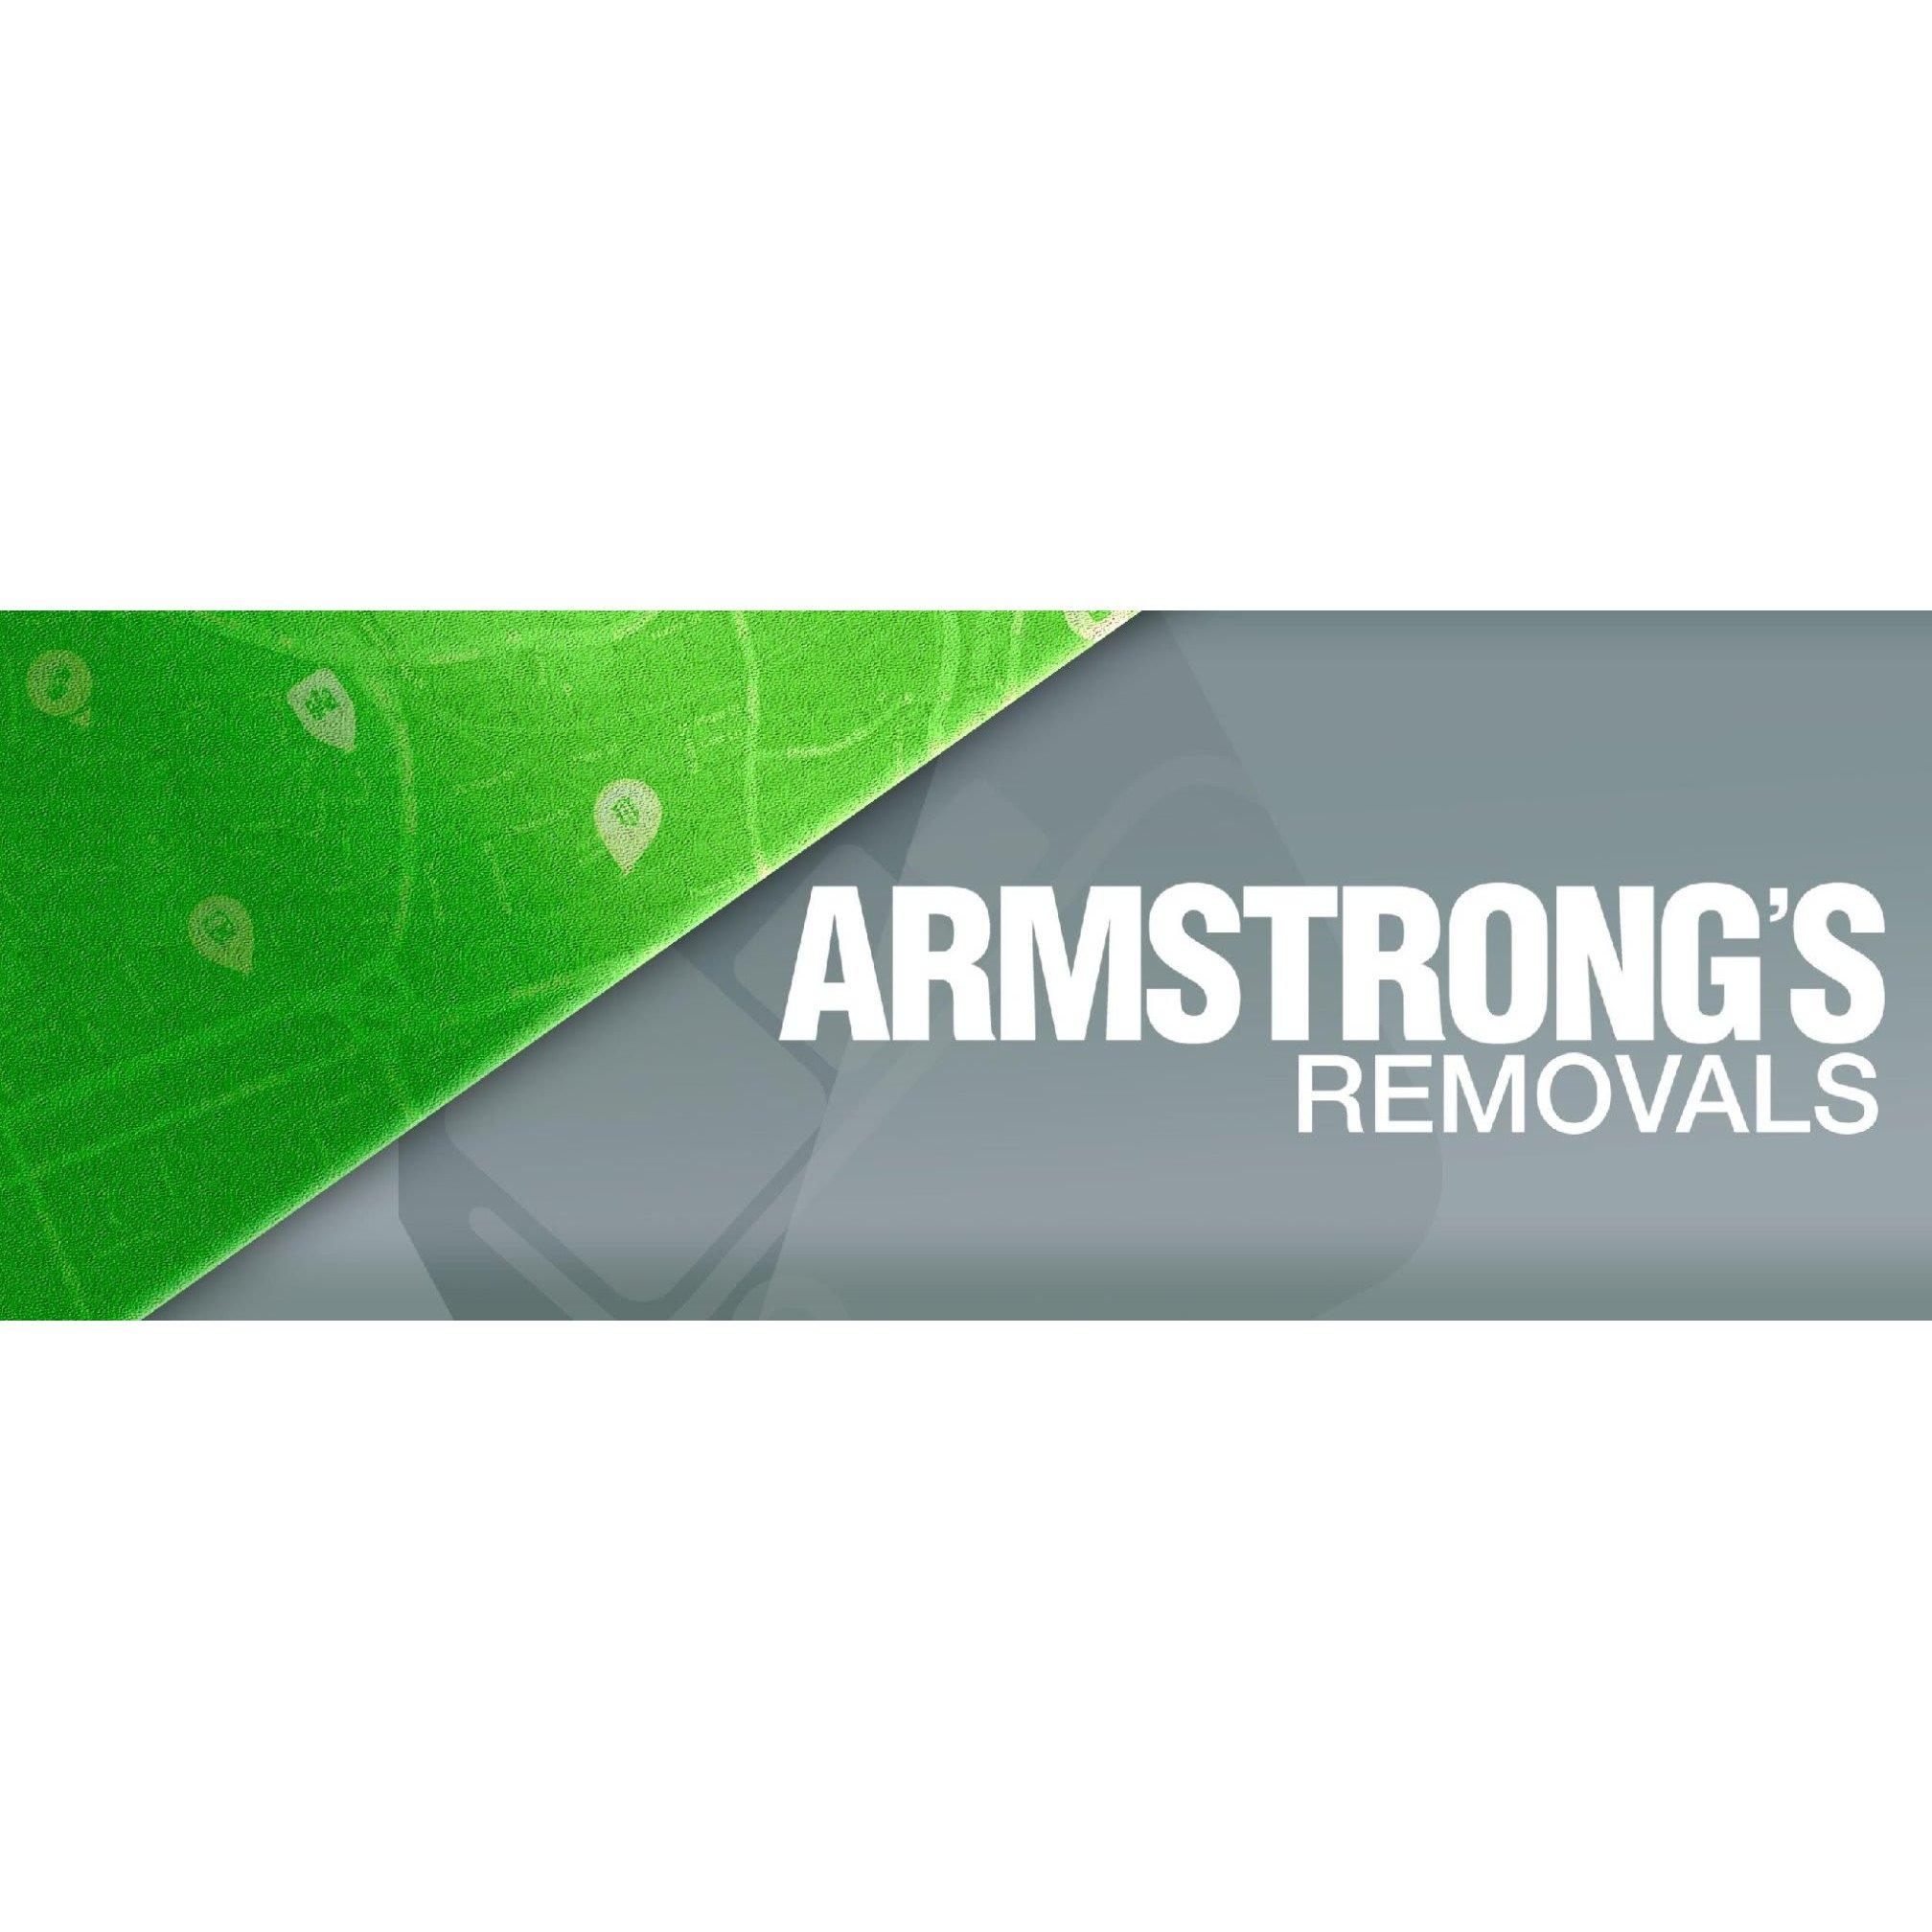 Armstrong's Removals - Workington, Cumbria CA14 4NU - 07584 649020 | ShowMeLocal.com